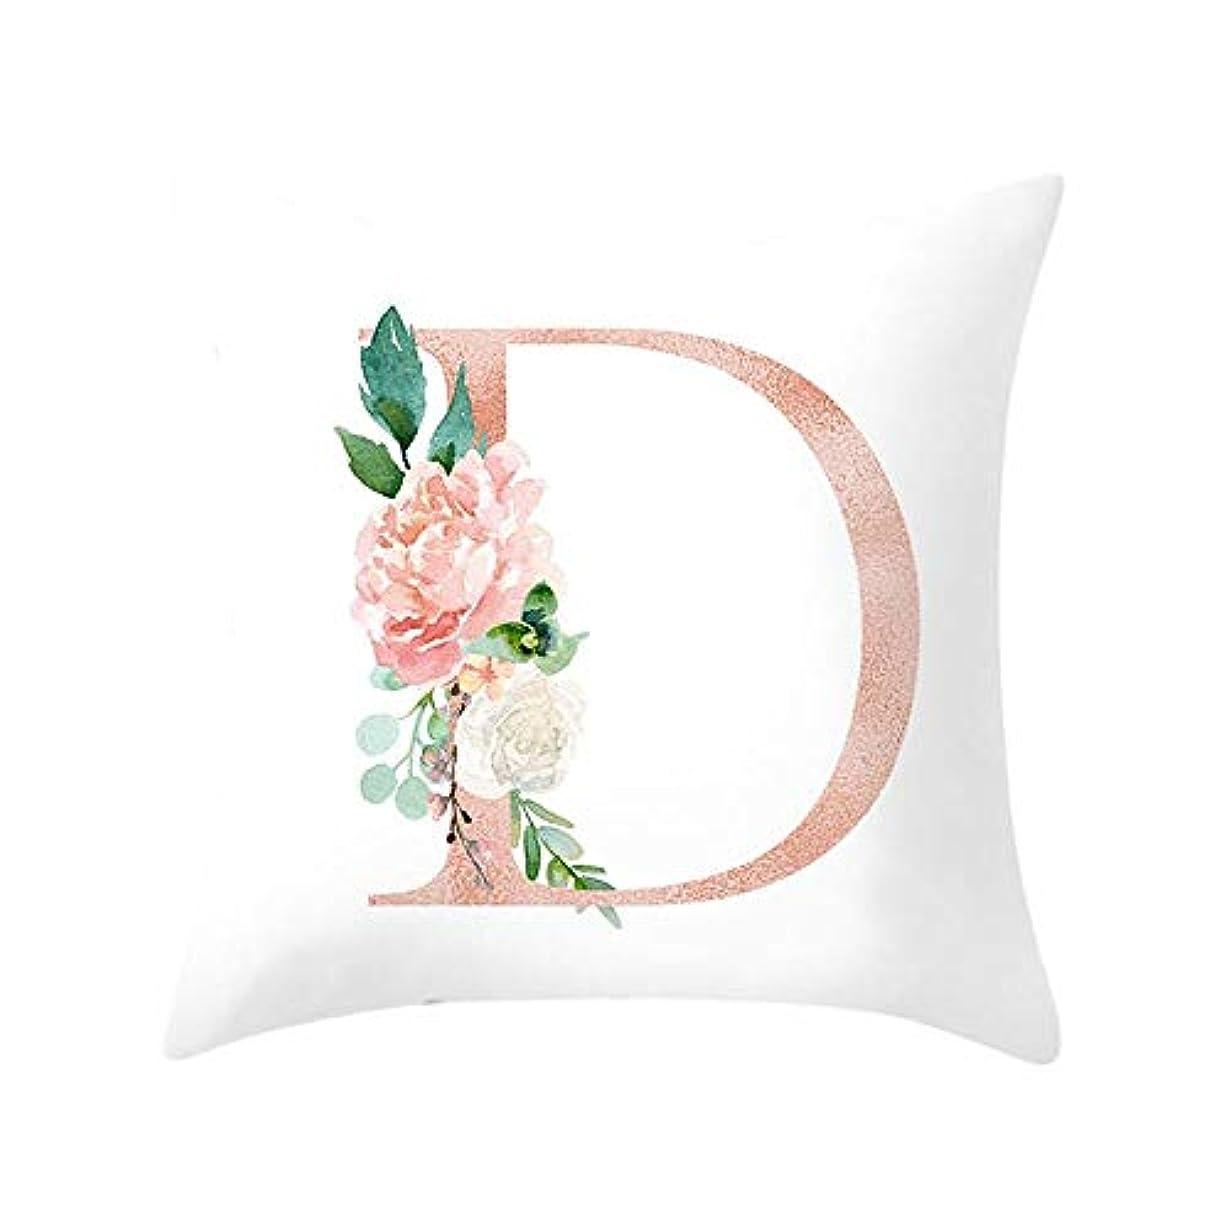 塗抹実装するチーフLIFE 装飾クッションソファ手紙枕アルファベットクッション印刷ソファ家の装飾の花枕 coussin decoratif クッション 椅子